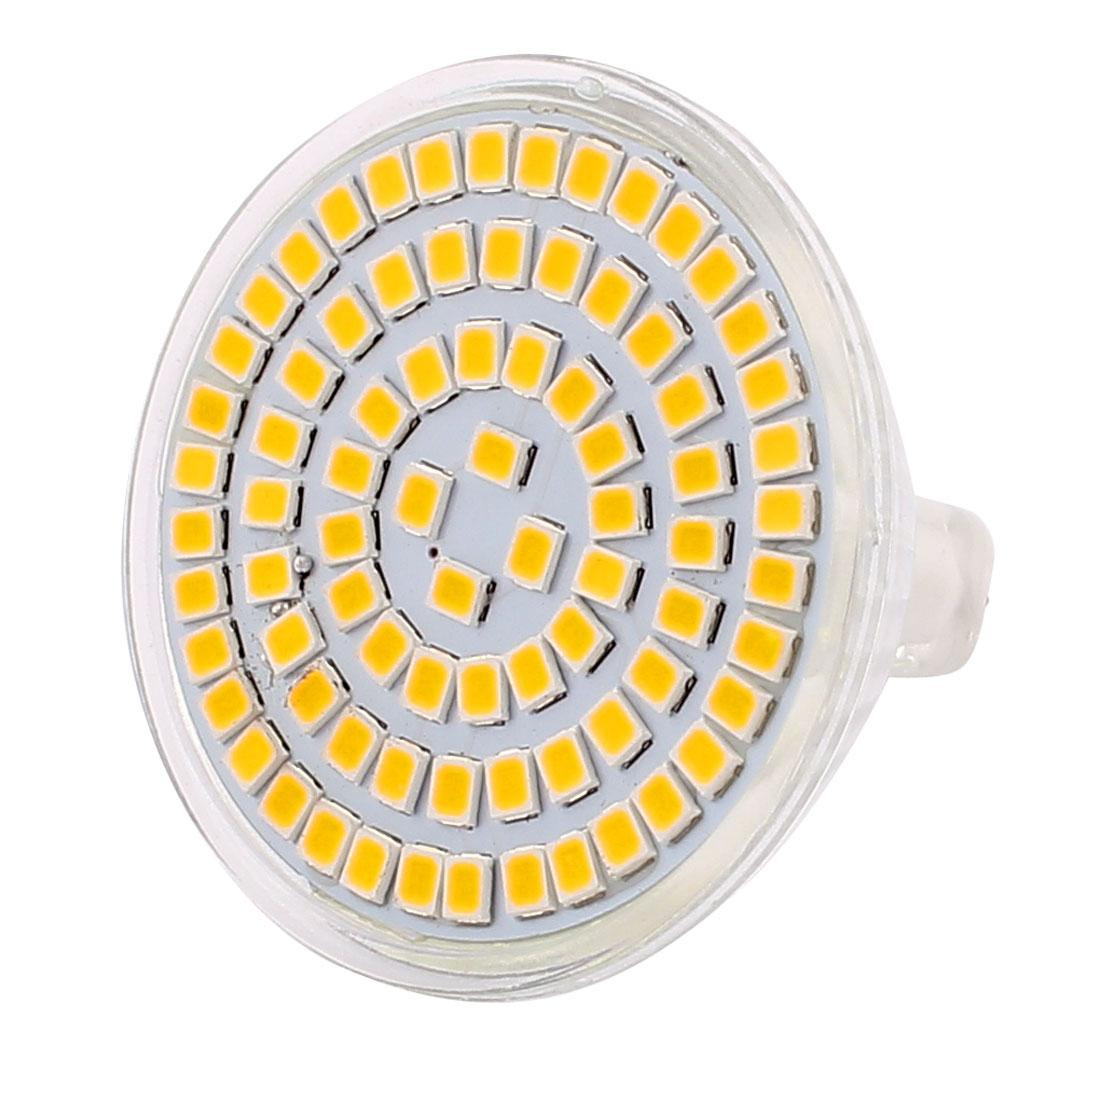 220V 8W MR16 2835 SMD 80 LEDs LED Light Spotlight Down Lamp Lighting Warm White